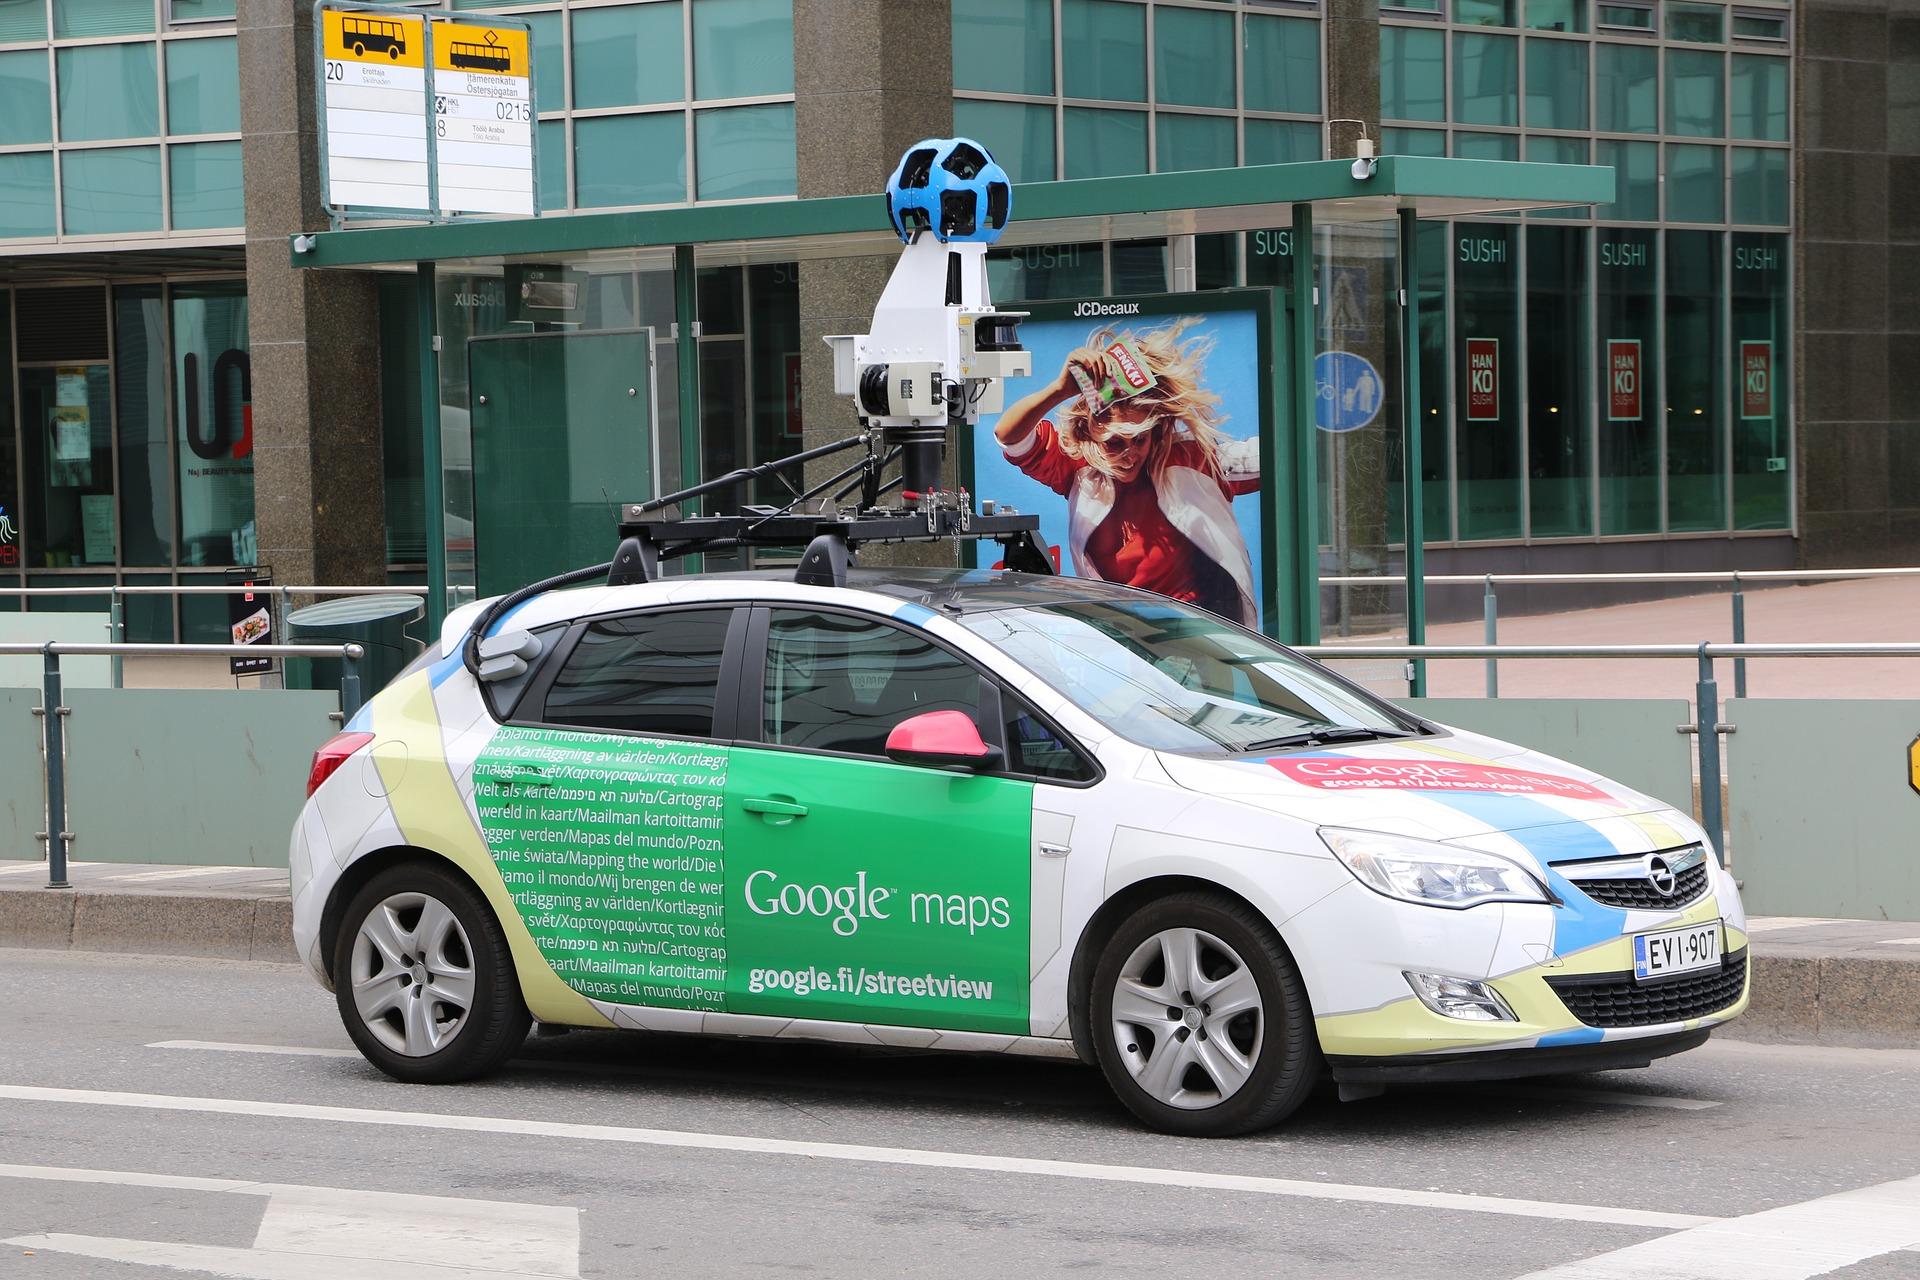 Come è cambiato il viaggio da quando abbiamo Google Maps